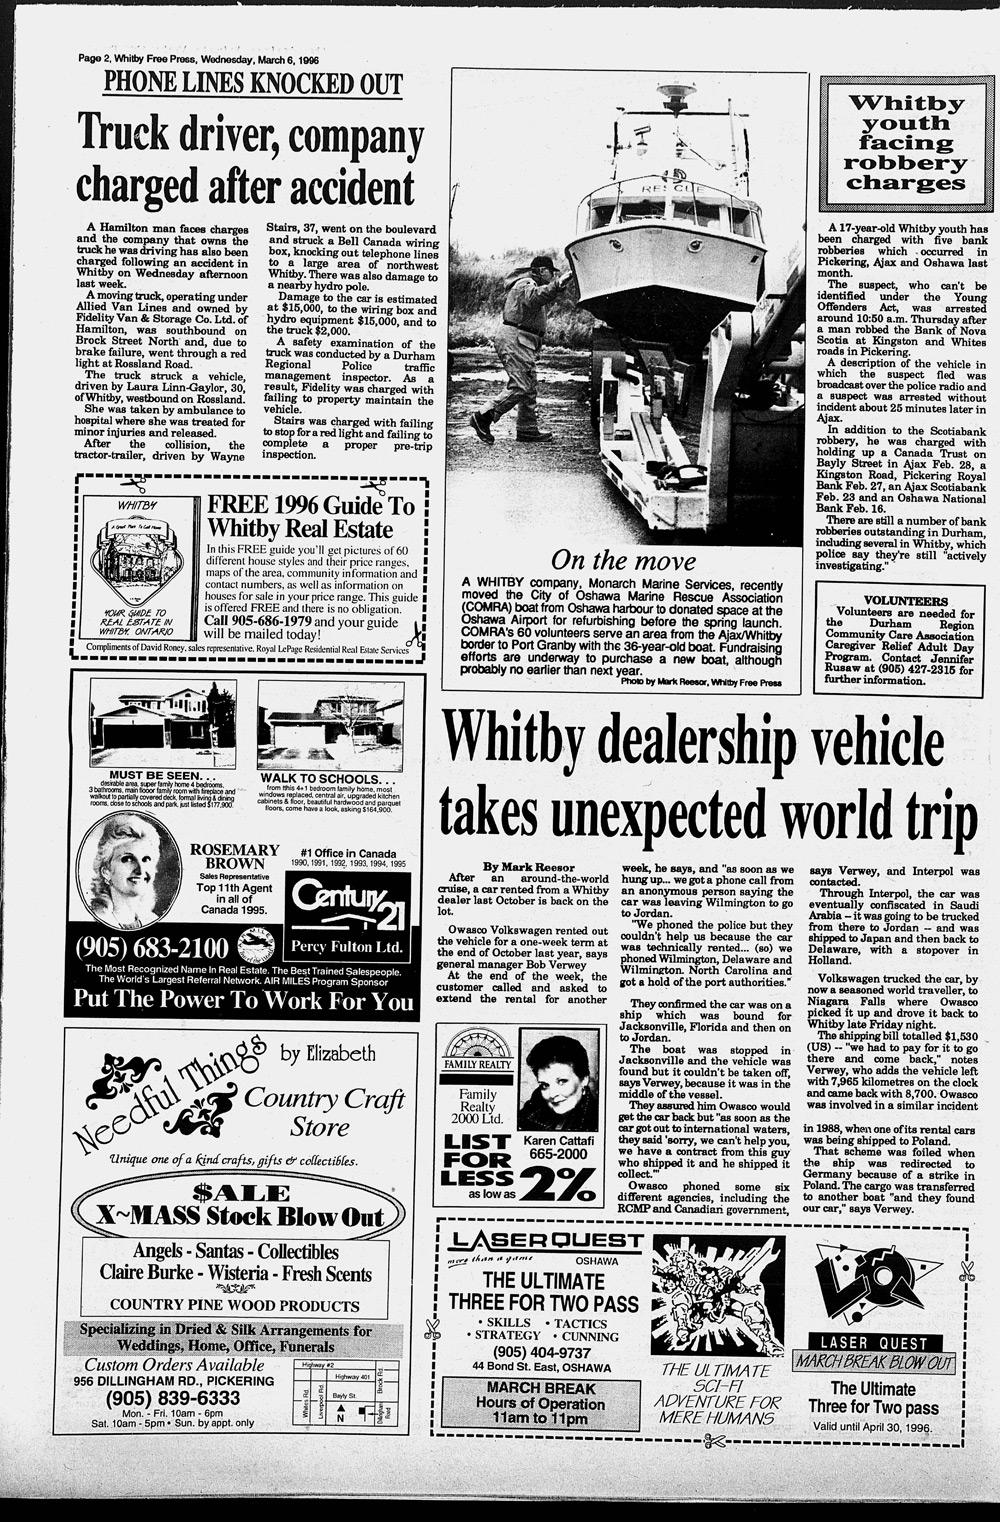 Whitby Free Press, 6 Mar 1996